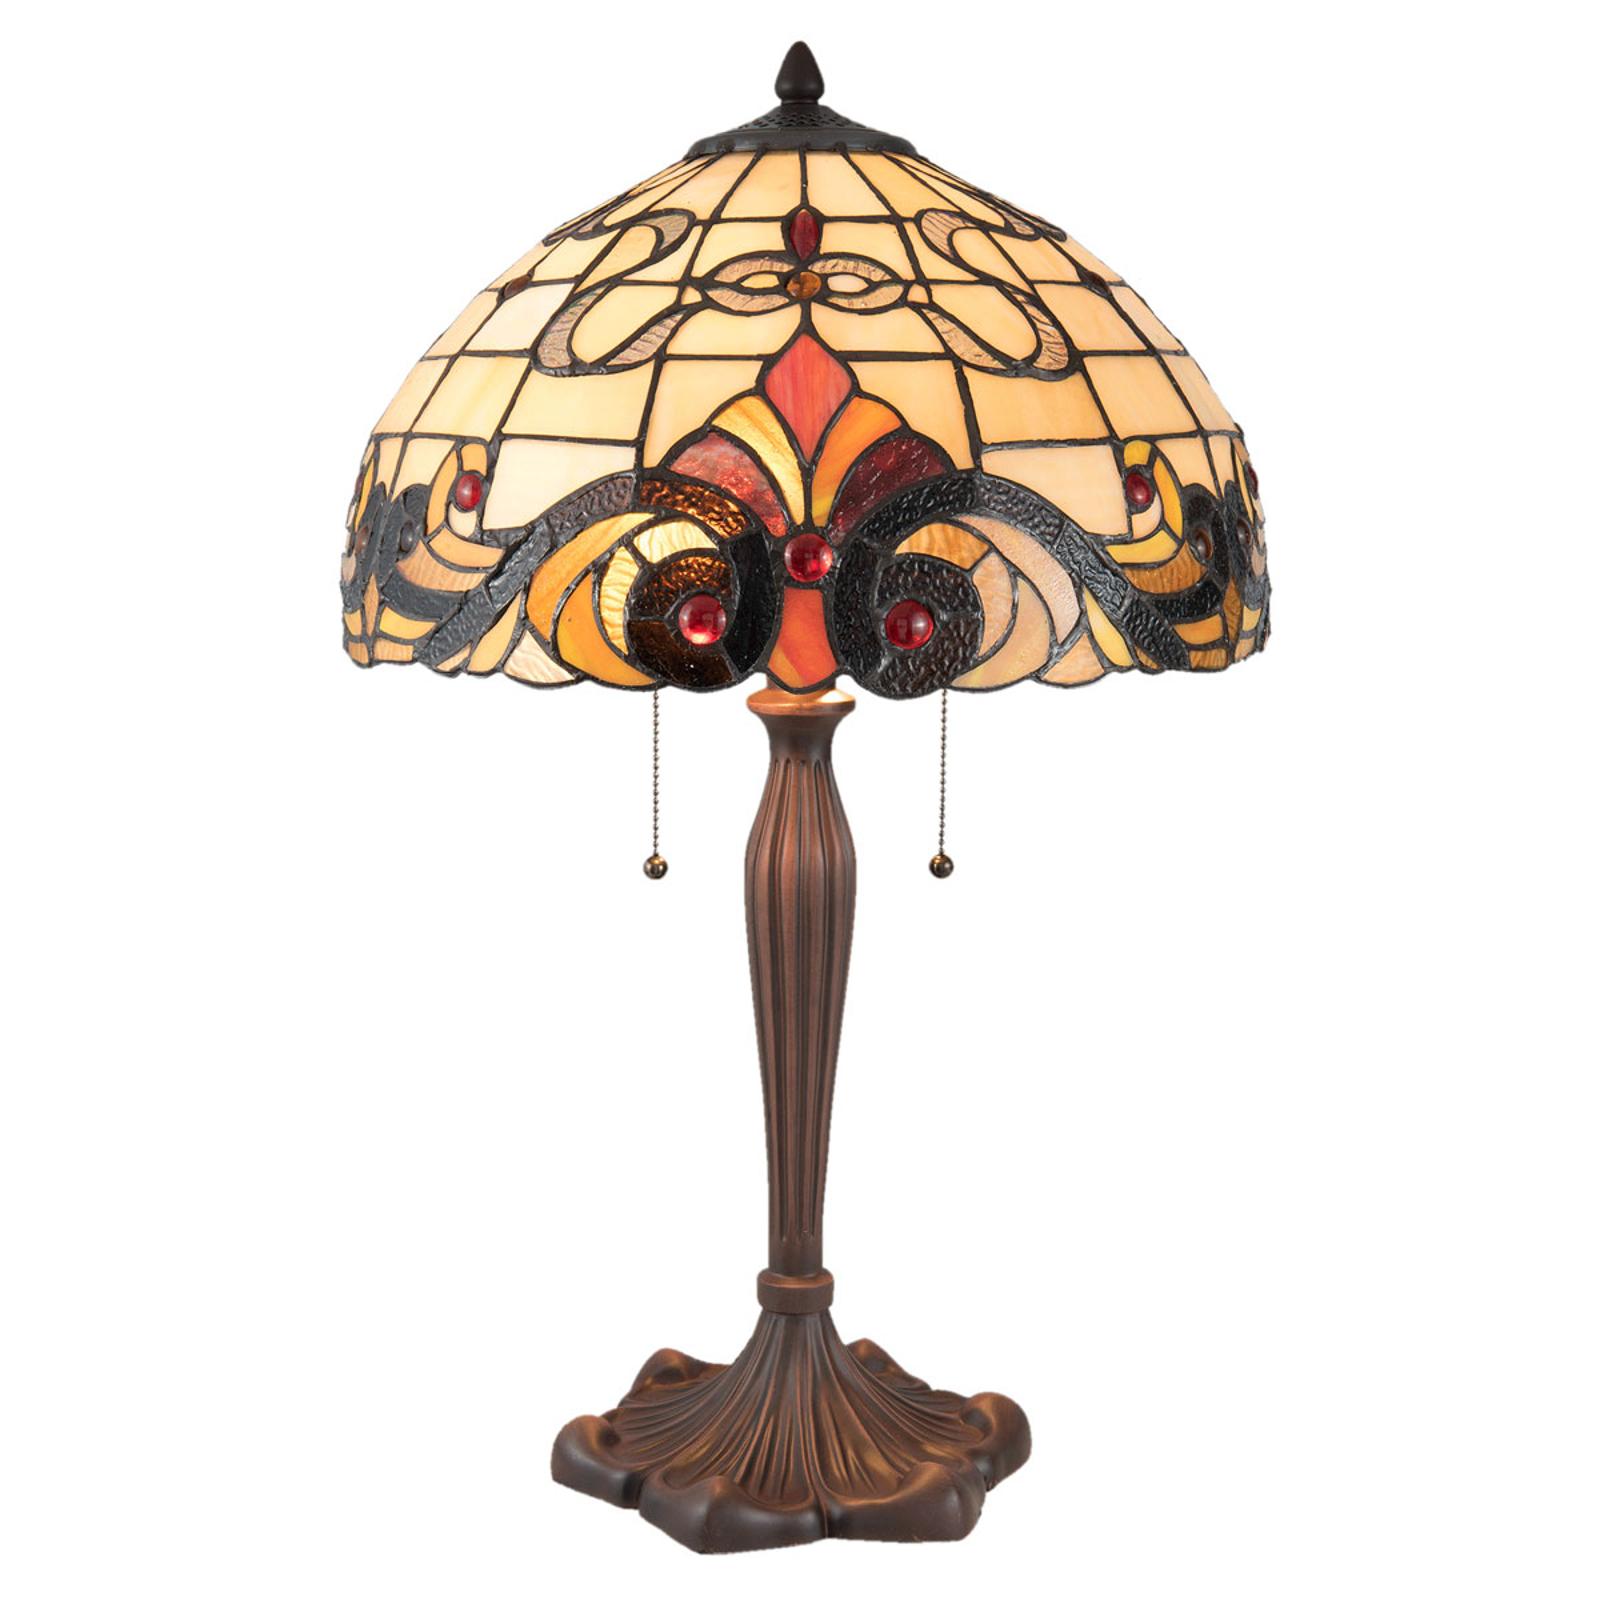 Lampe à poser 5925 au style Tiffany, crème-rouge